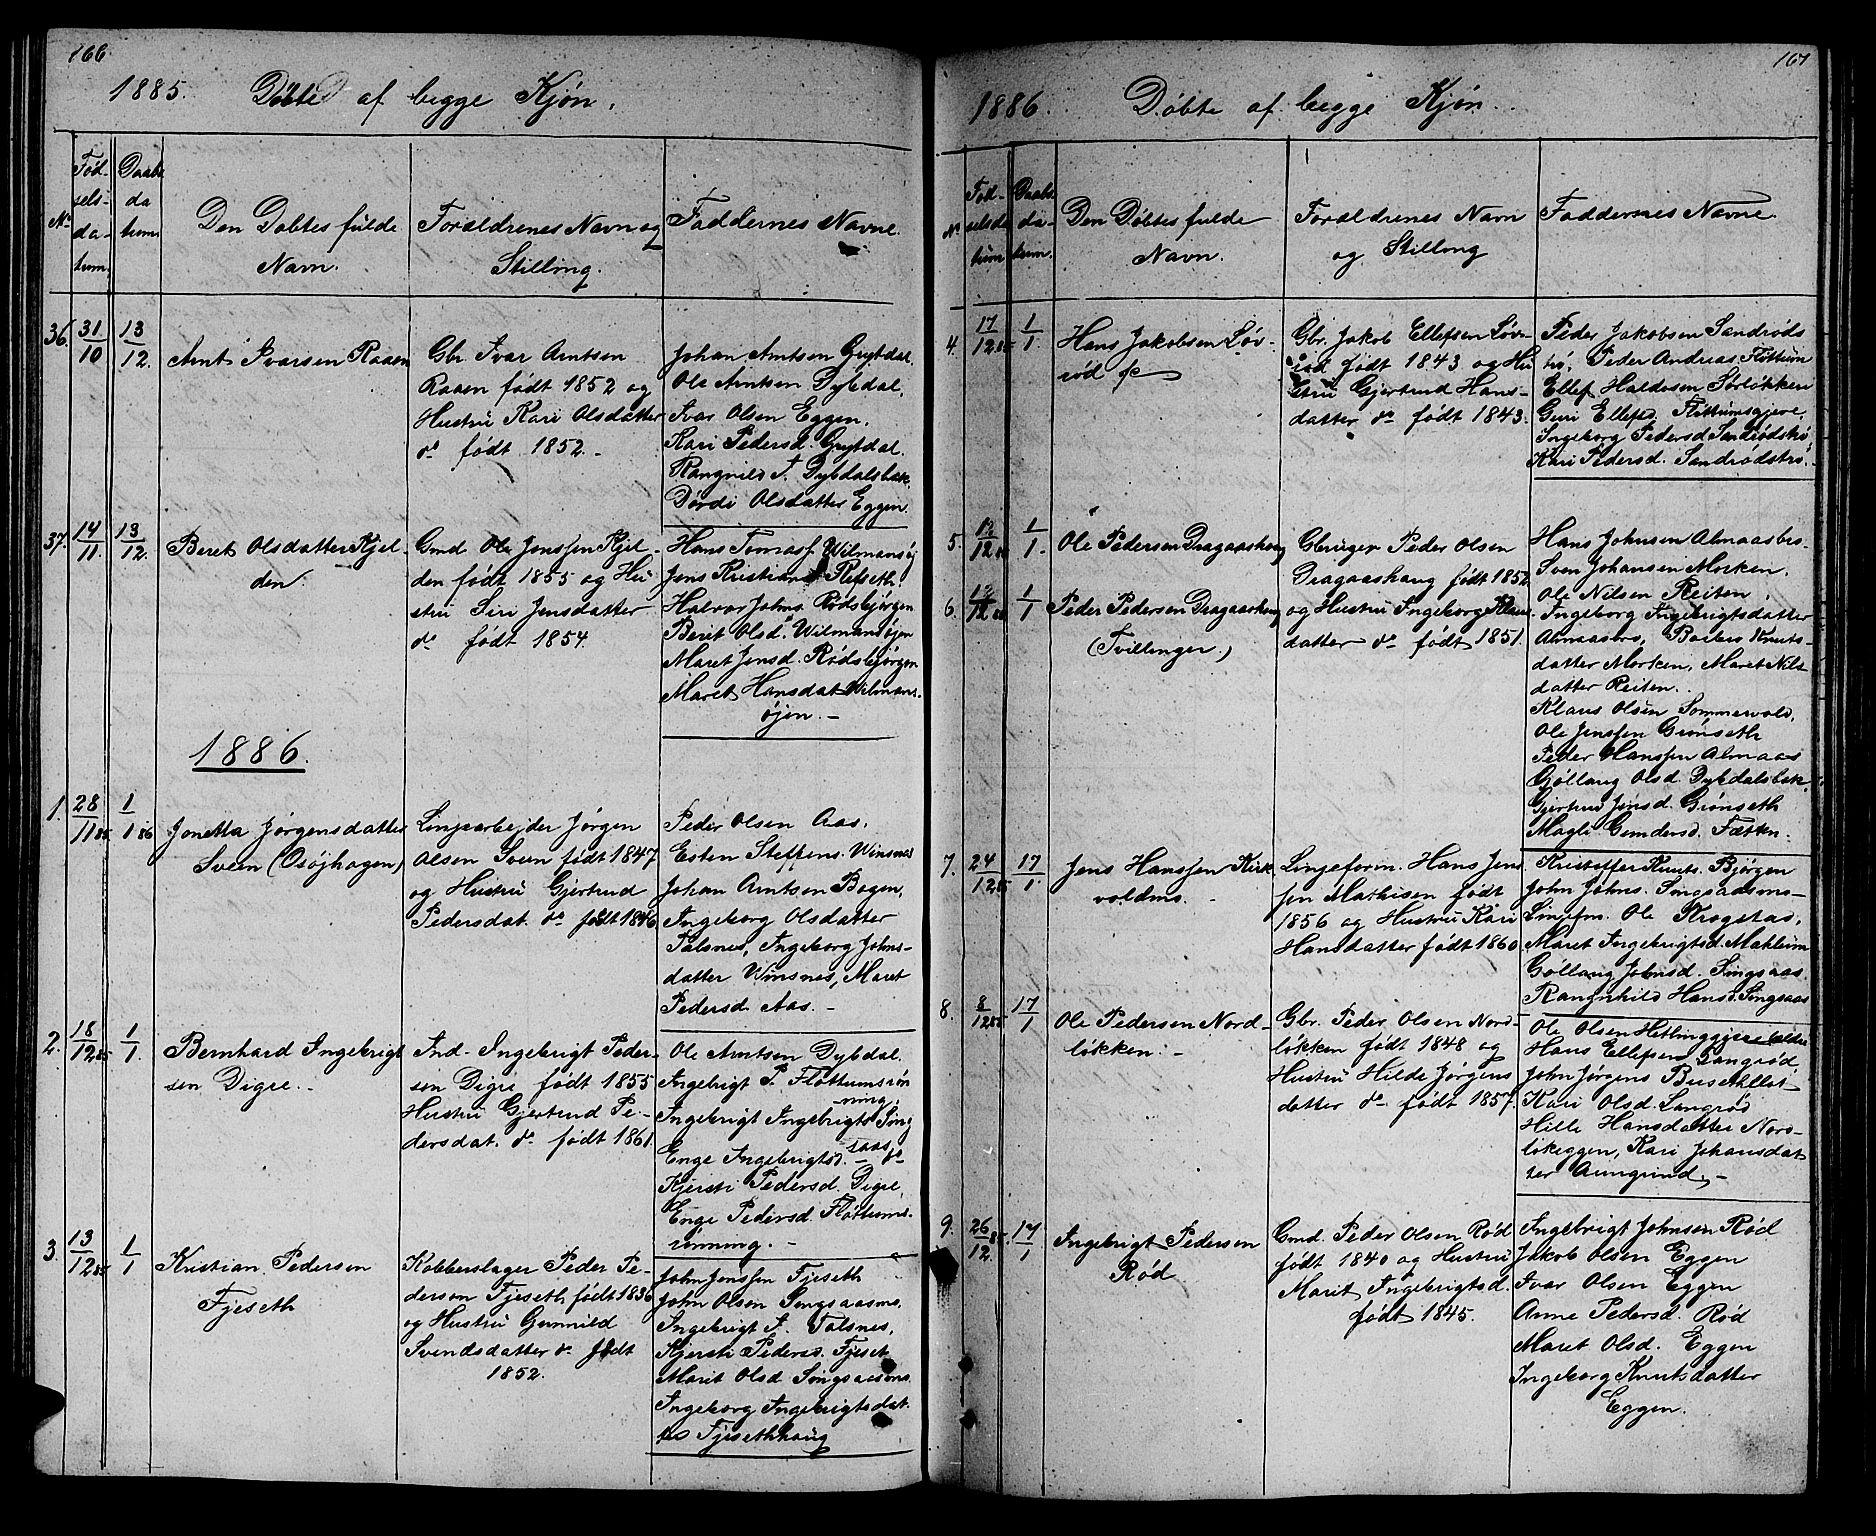 SAT, Ministerialprotokoller, klokkerbøker og fødselsregistre - Sør-Trøndelag, 688/L1027: Klokkerbok nr. 688C02, 1861-1889, s. 166-167